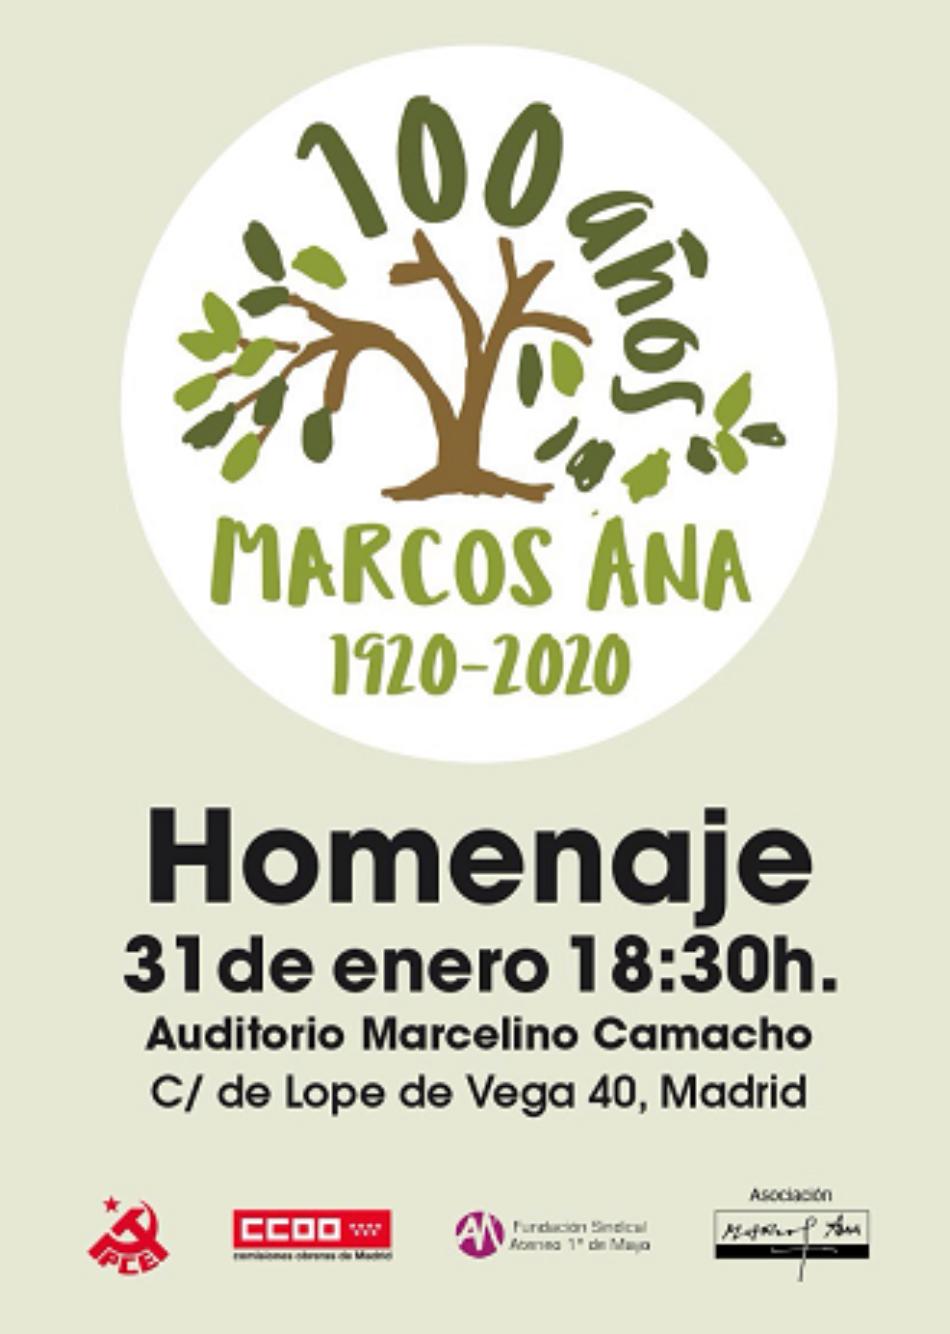 Acto Homenaje a Marcos Ana en el centenario de su nacimiento